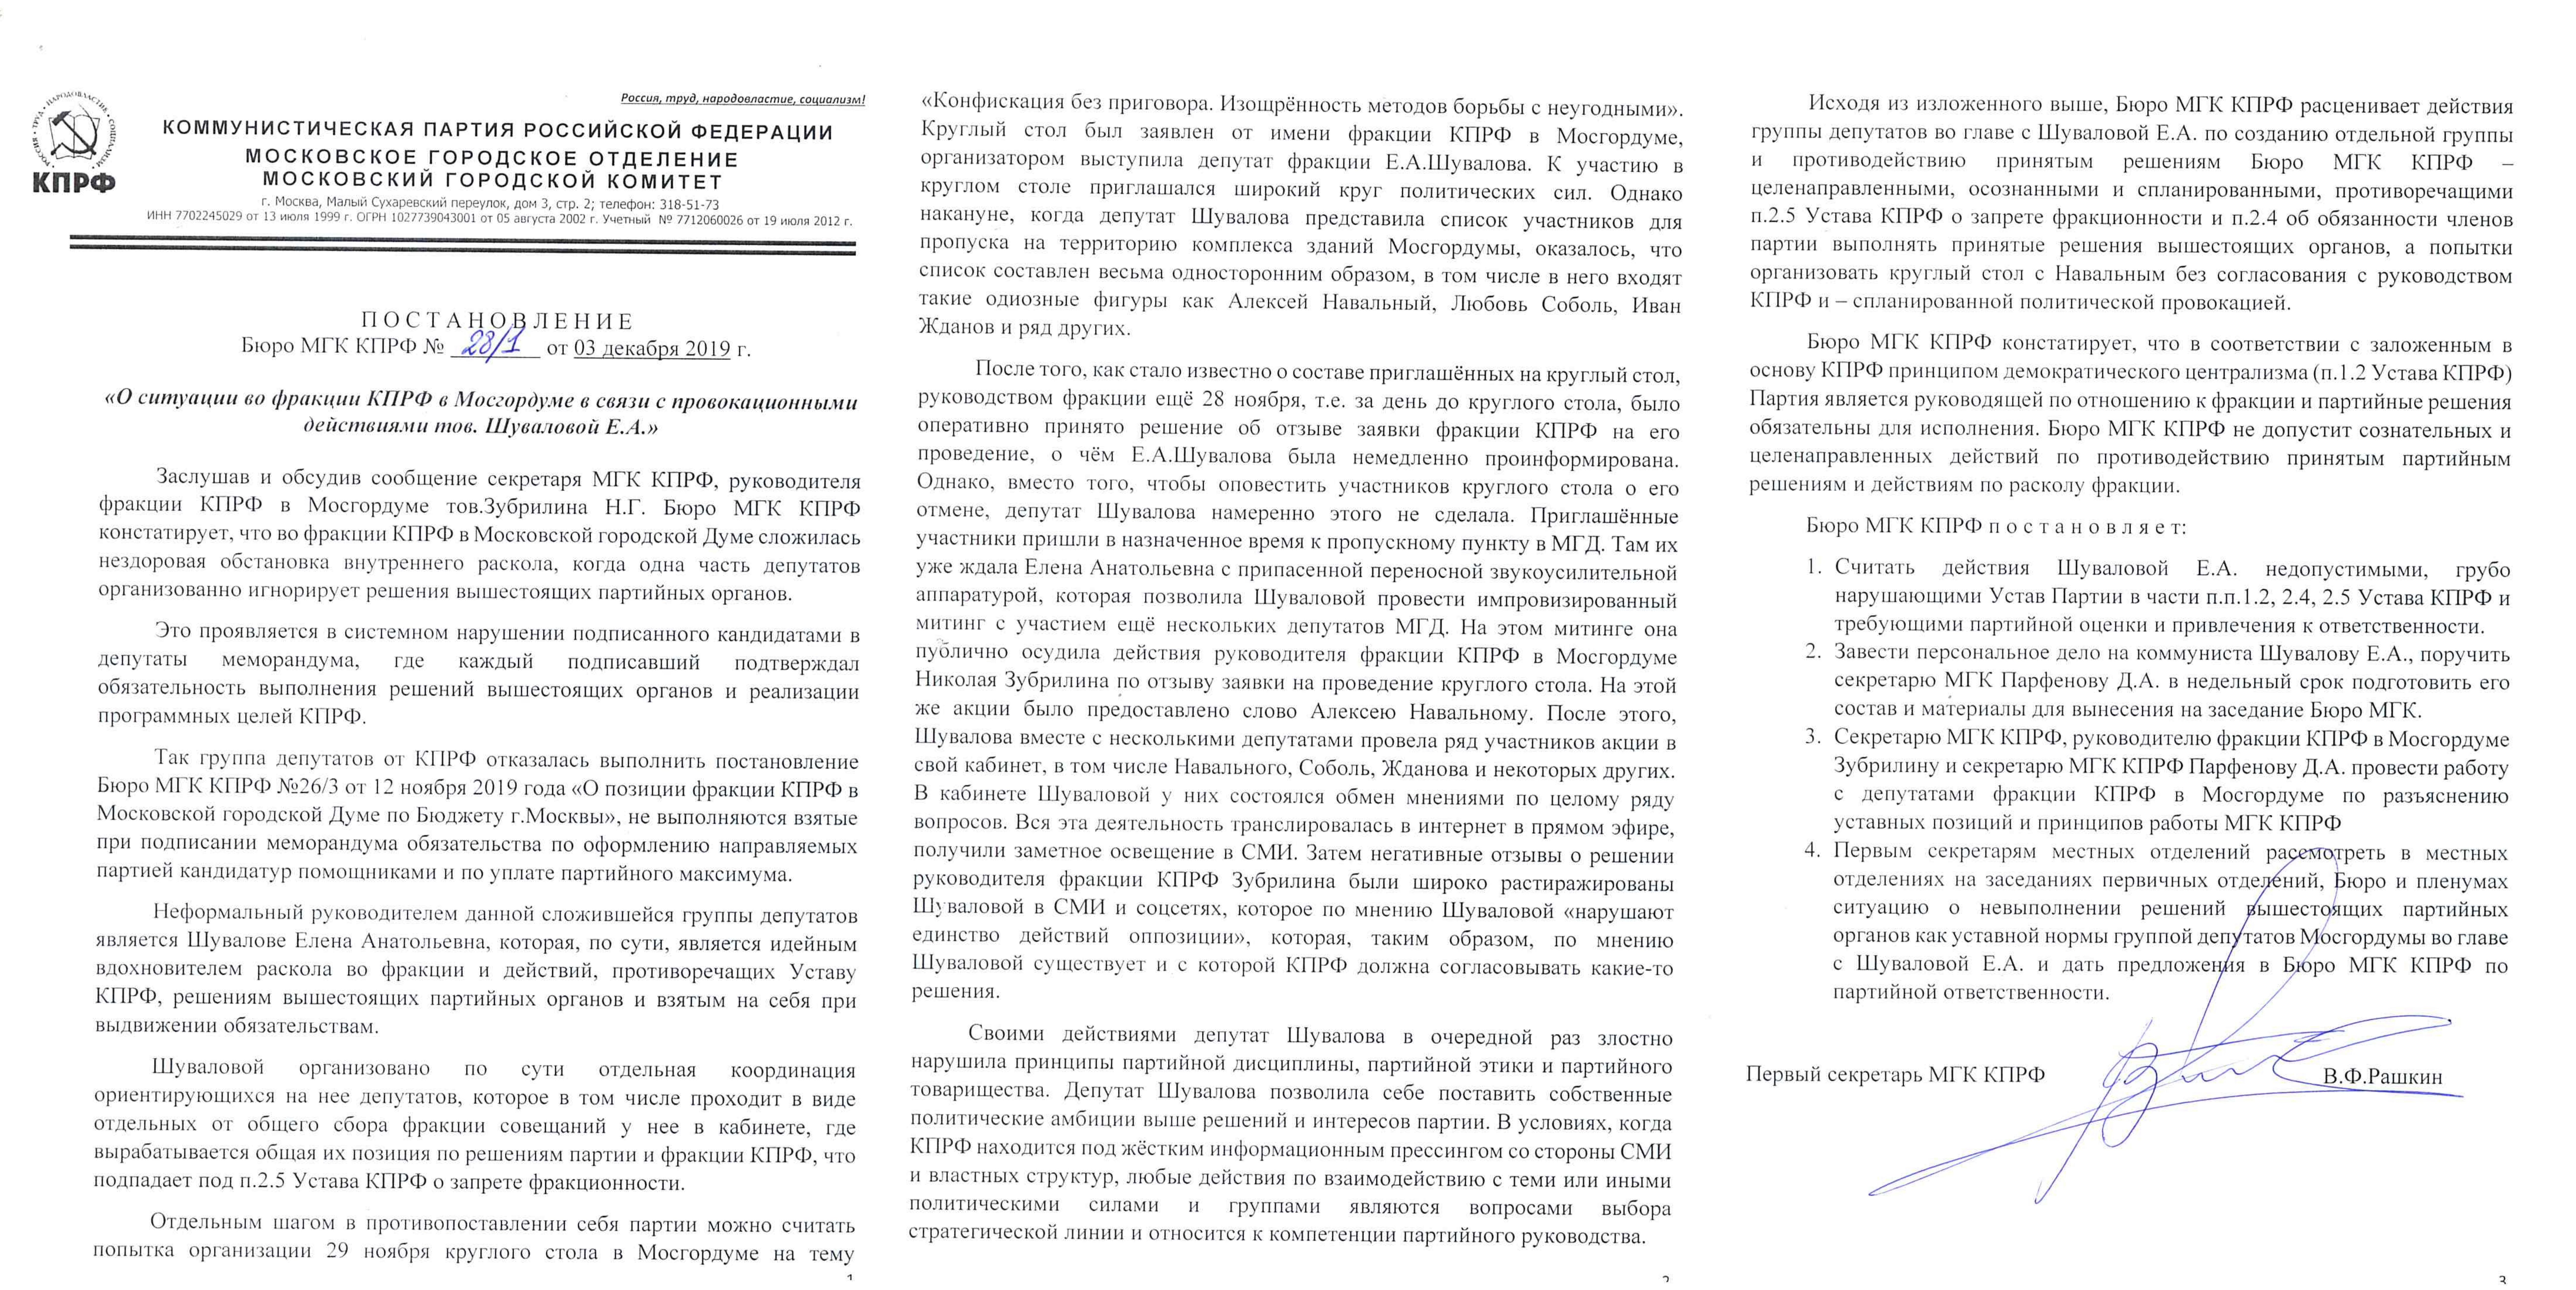 kprf_shuvalova_postanovlenie.jpg